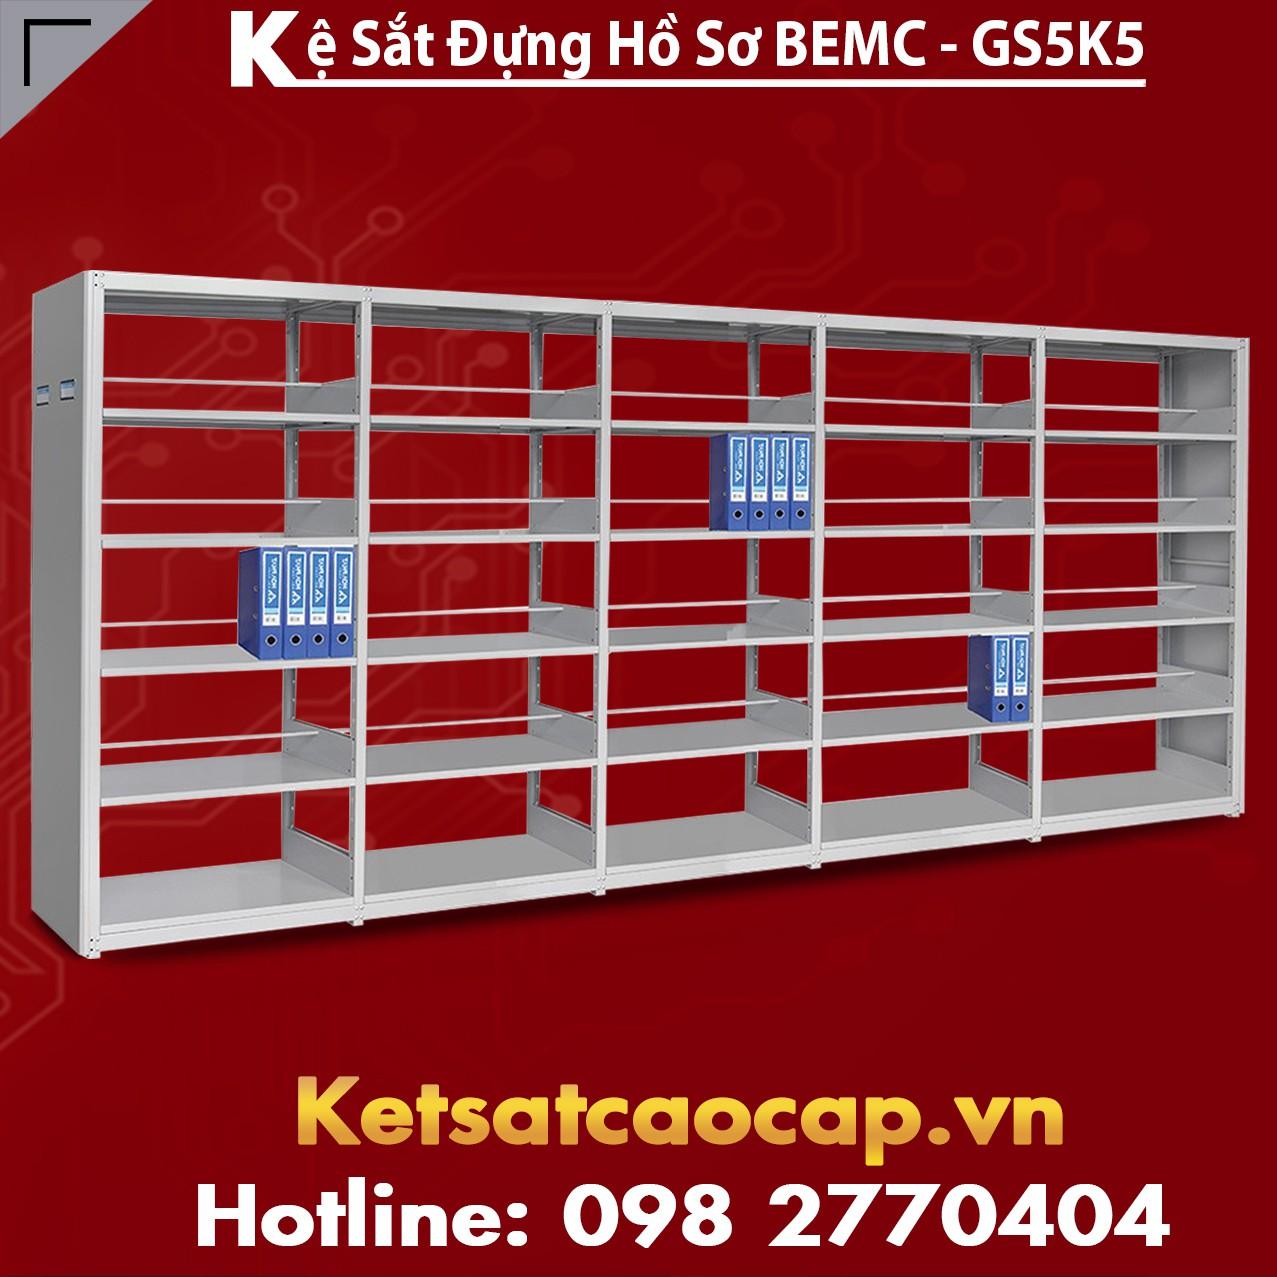 Kệ Sắt BEMC-GS5K5